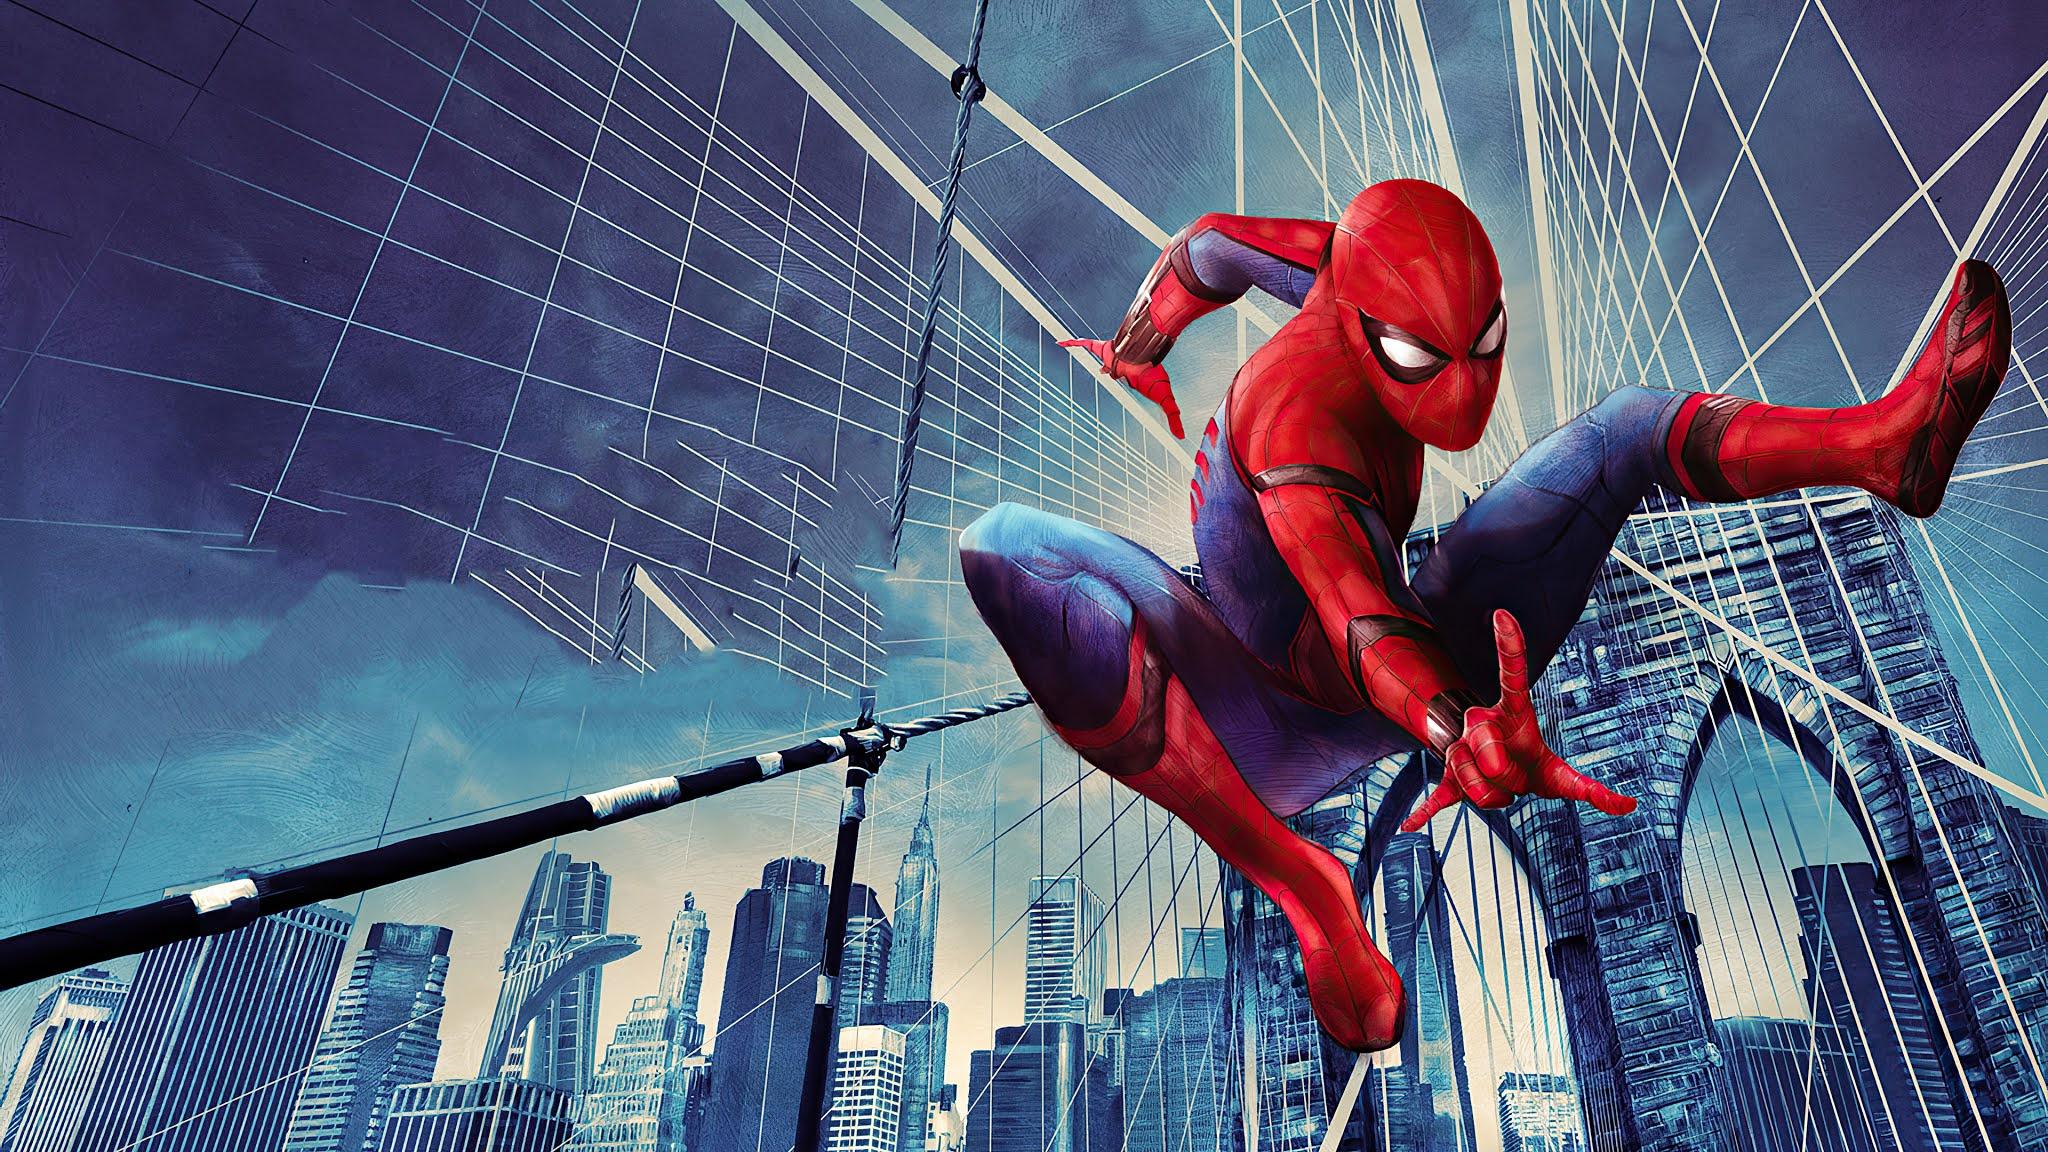 Peter Parker Spider Man Wallpaper hd